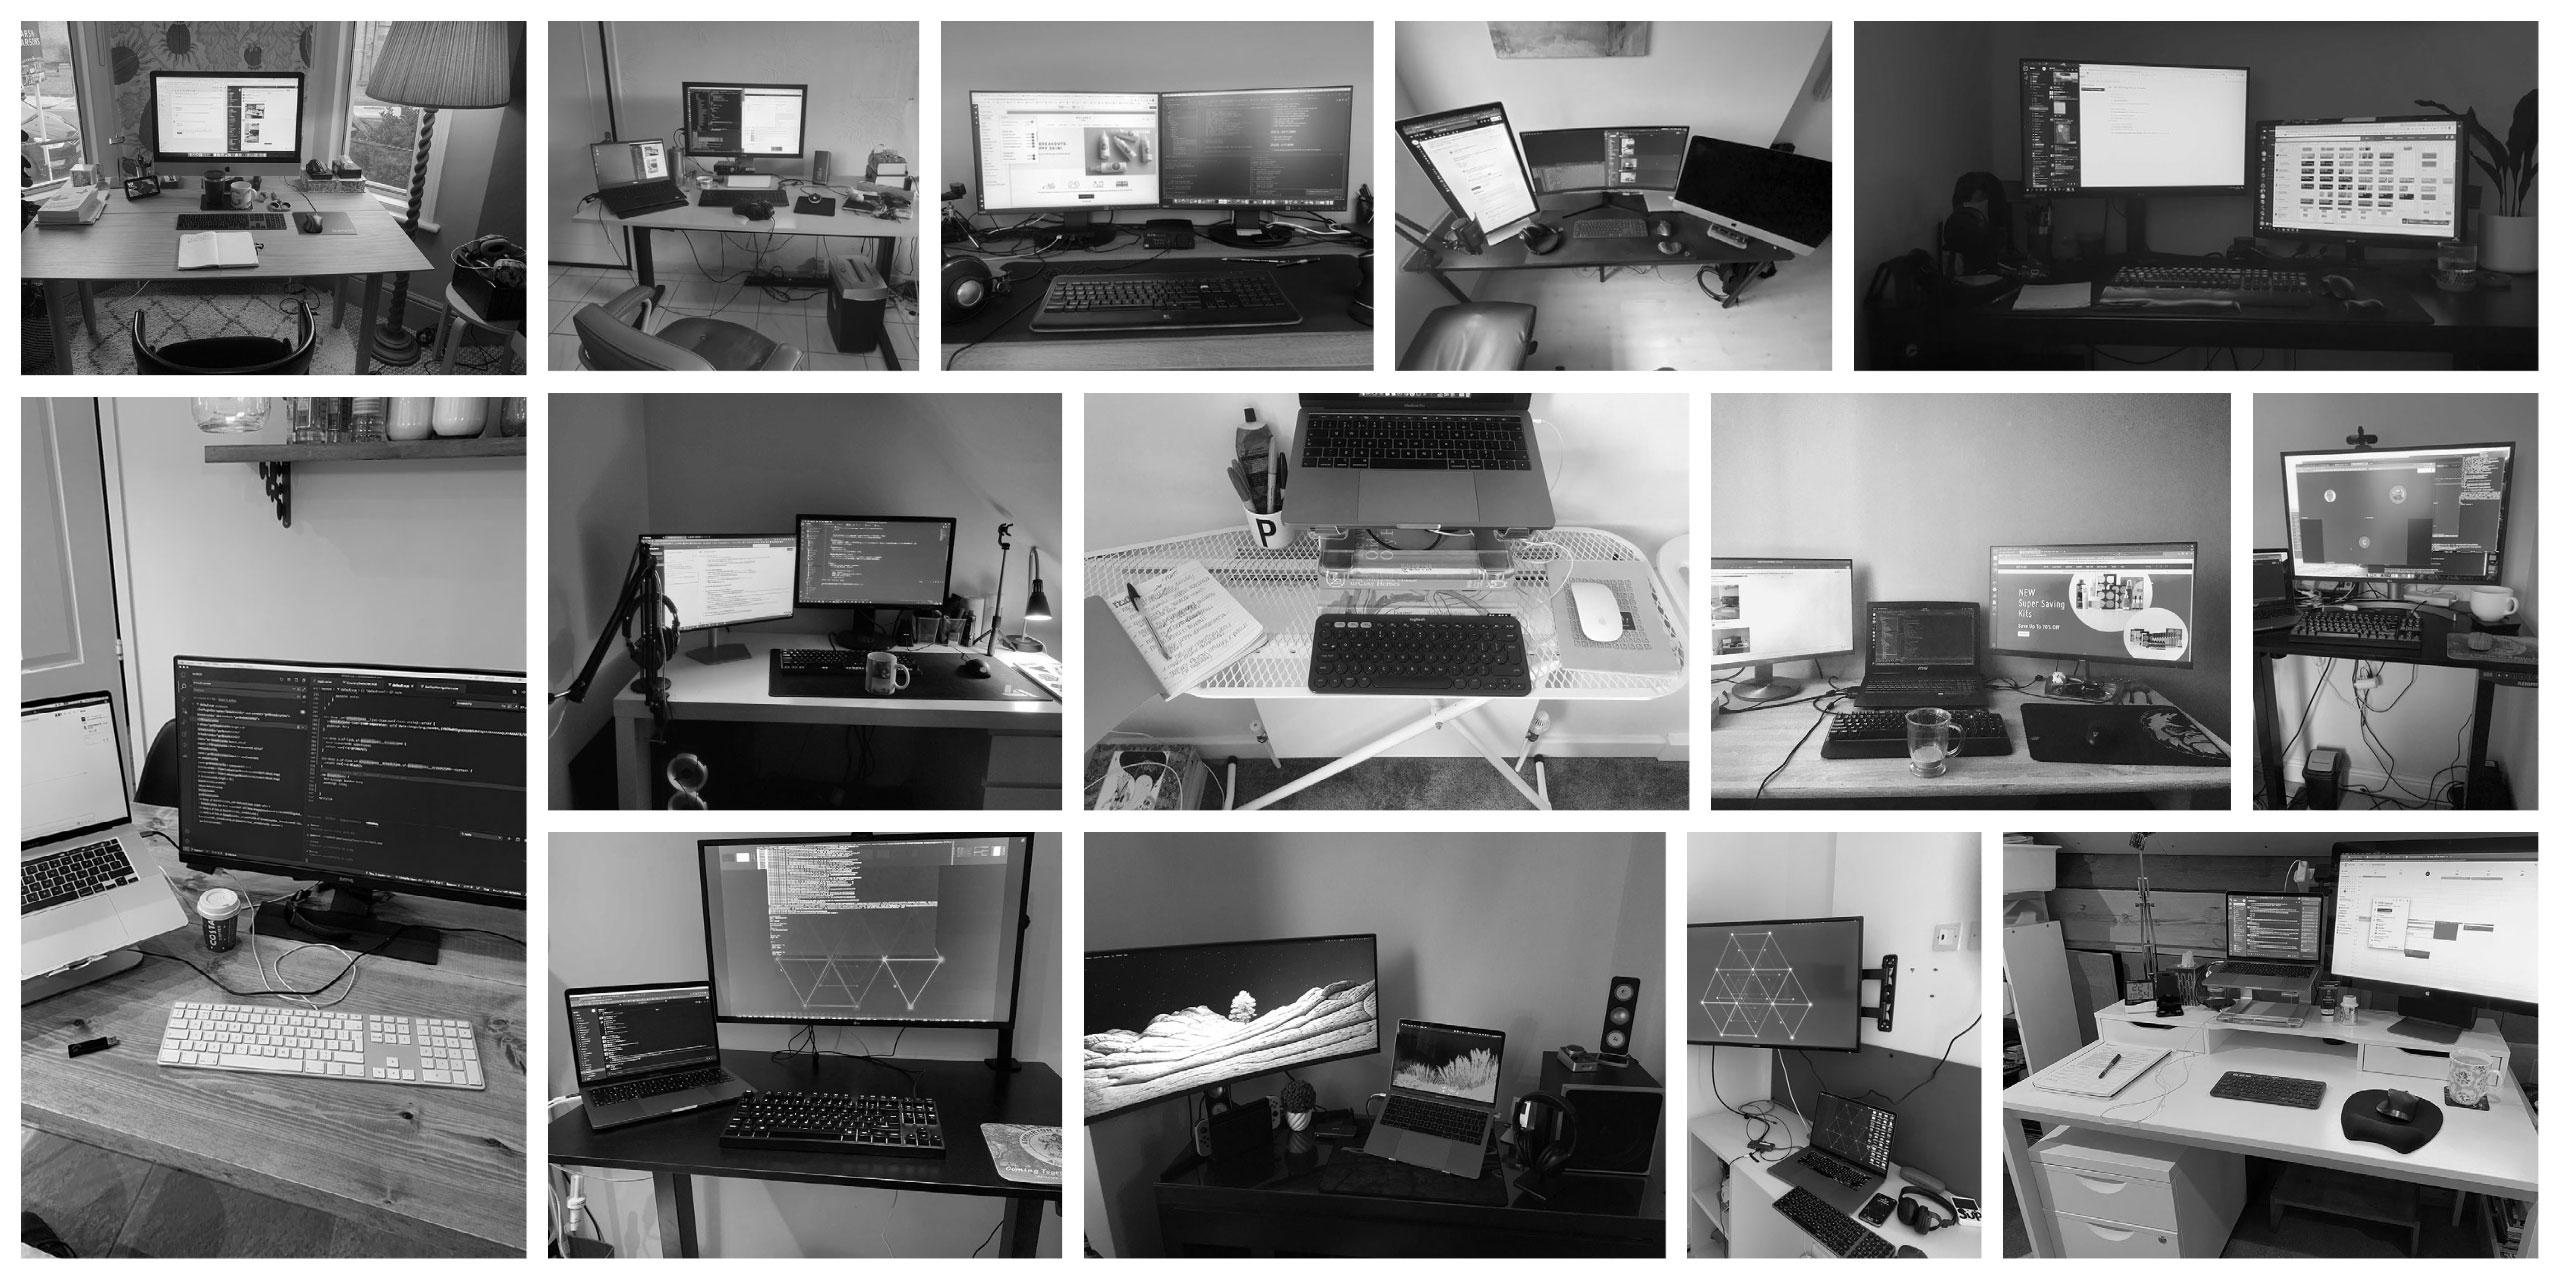 Our desks...